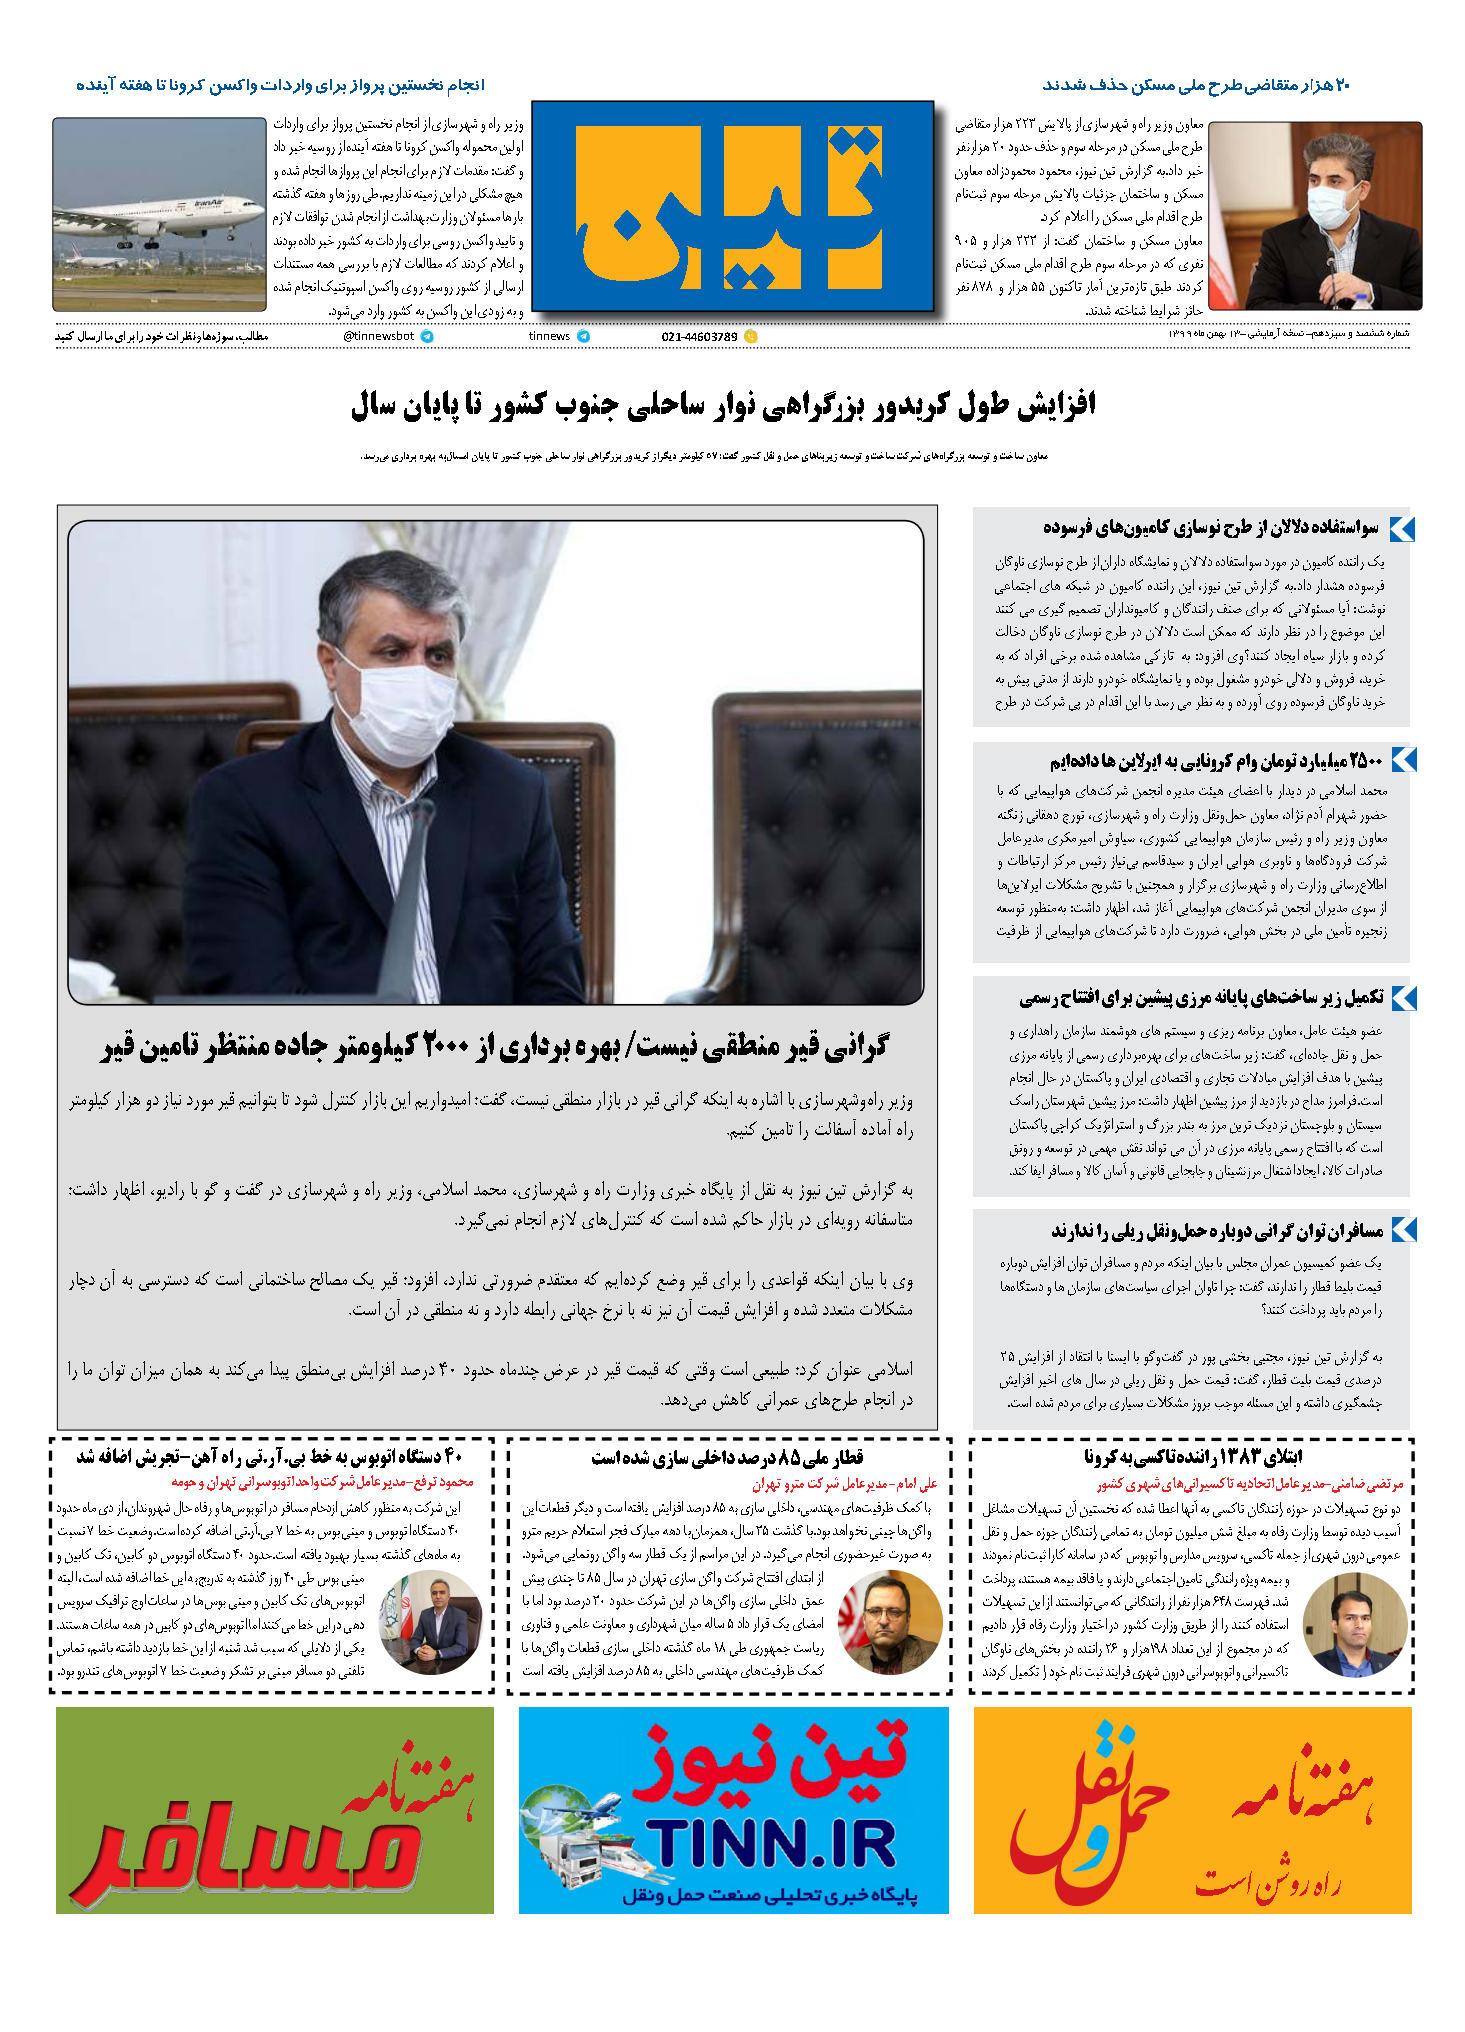 روزنامه الکترونیک 13 بهمن ماه 99